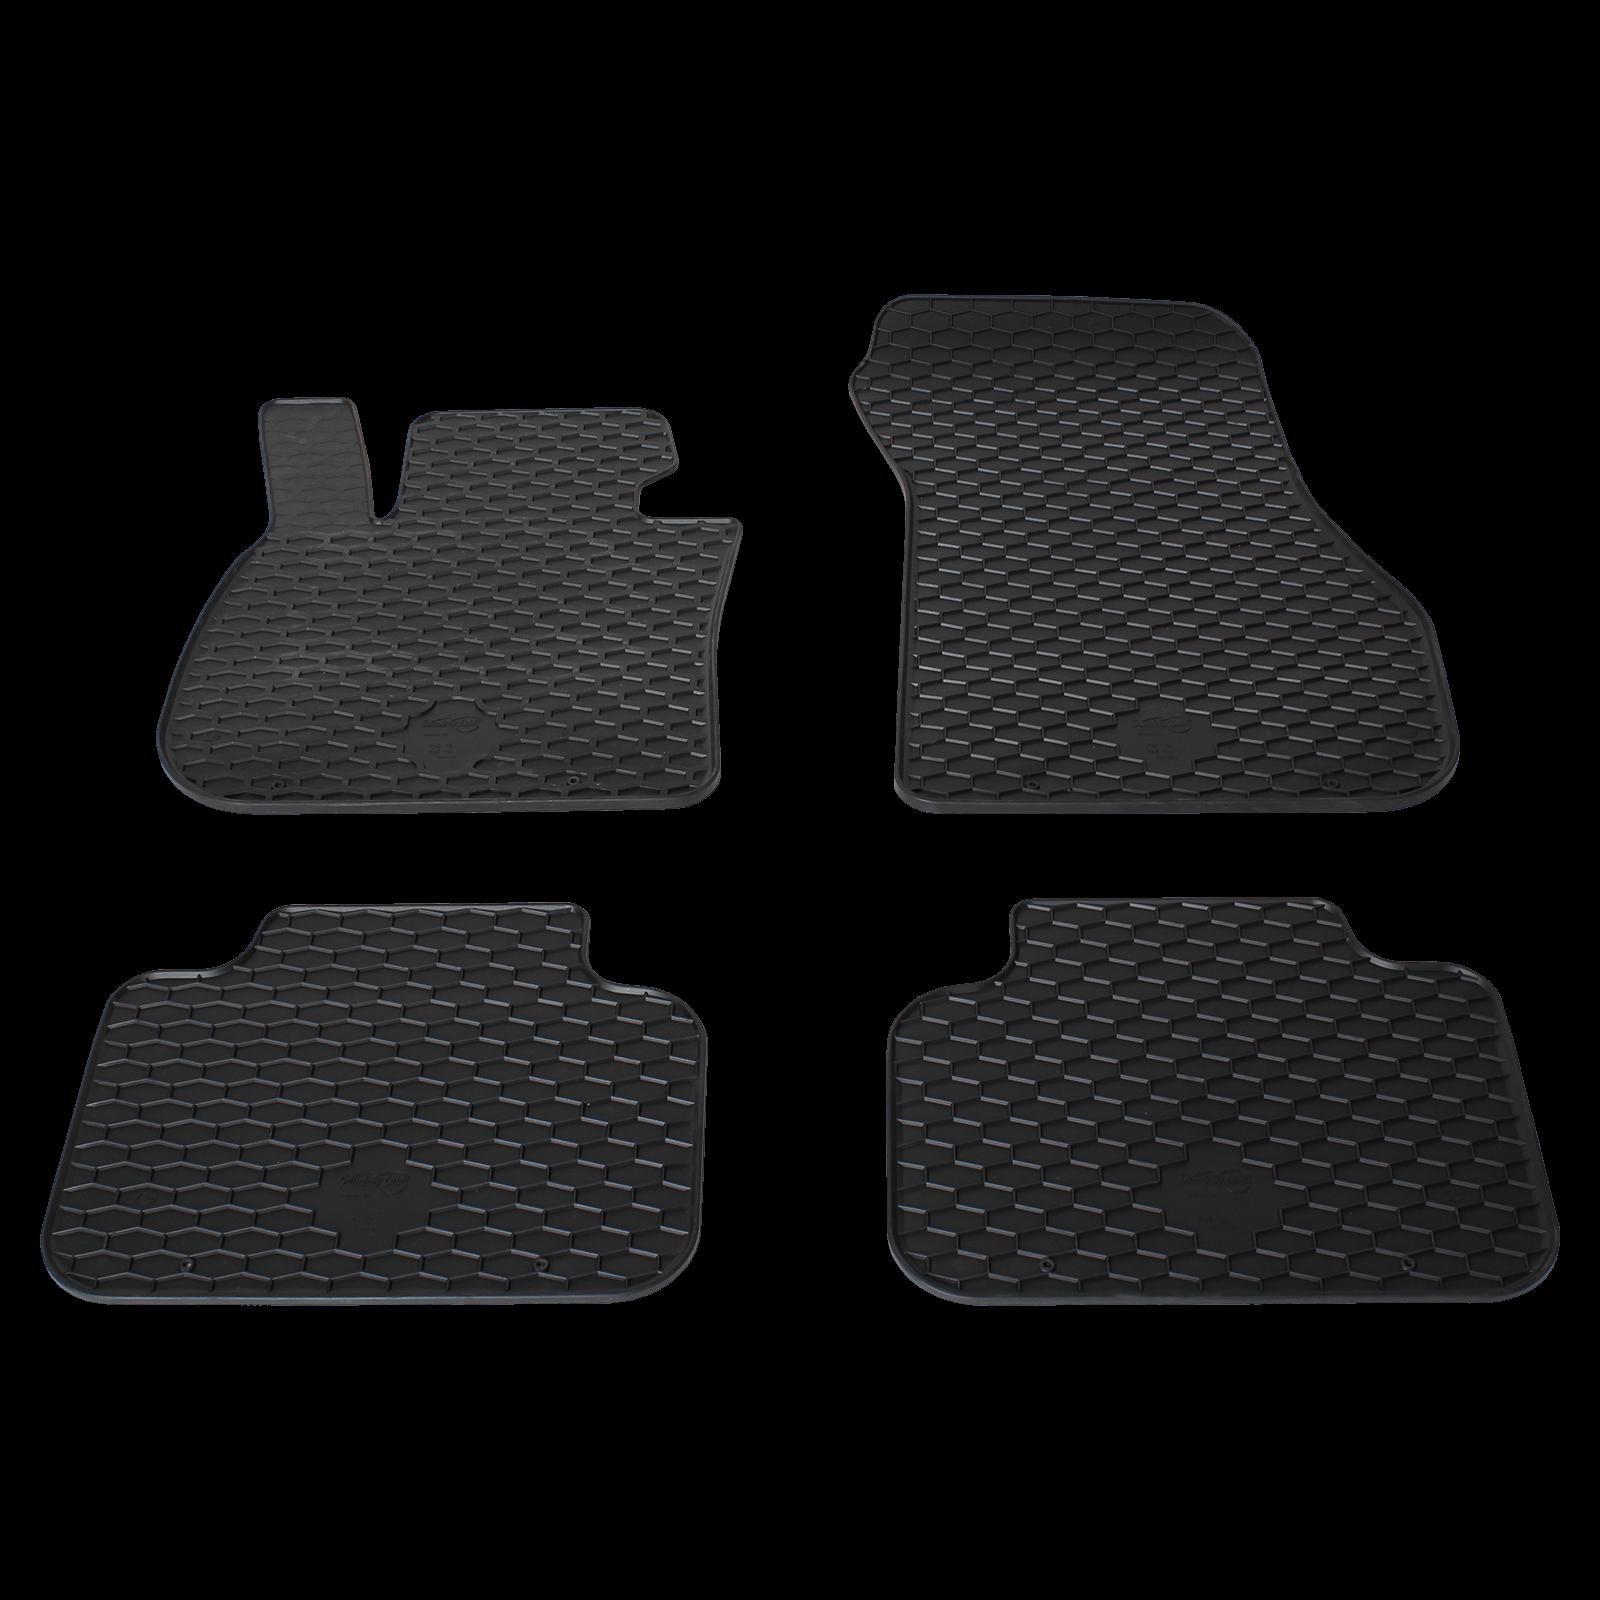 tapis de sol en caoutchouc noir pour bmw 2 active tourer. Black Bedroom Furniture Sets. Home Design Ideas